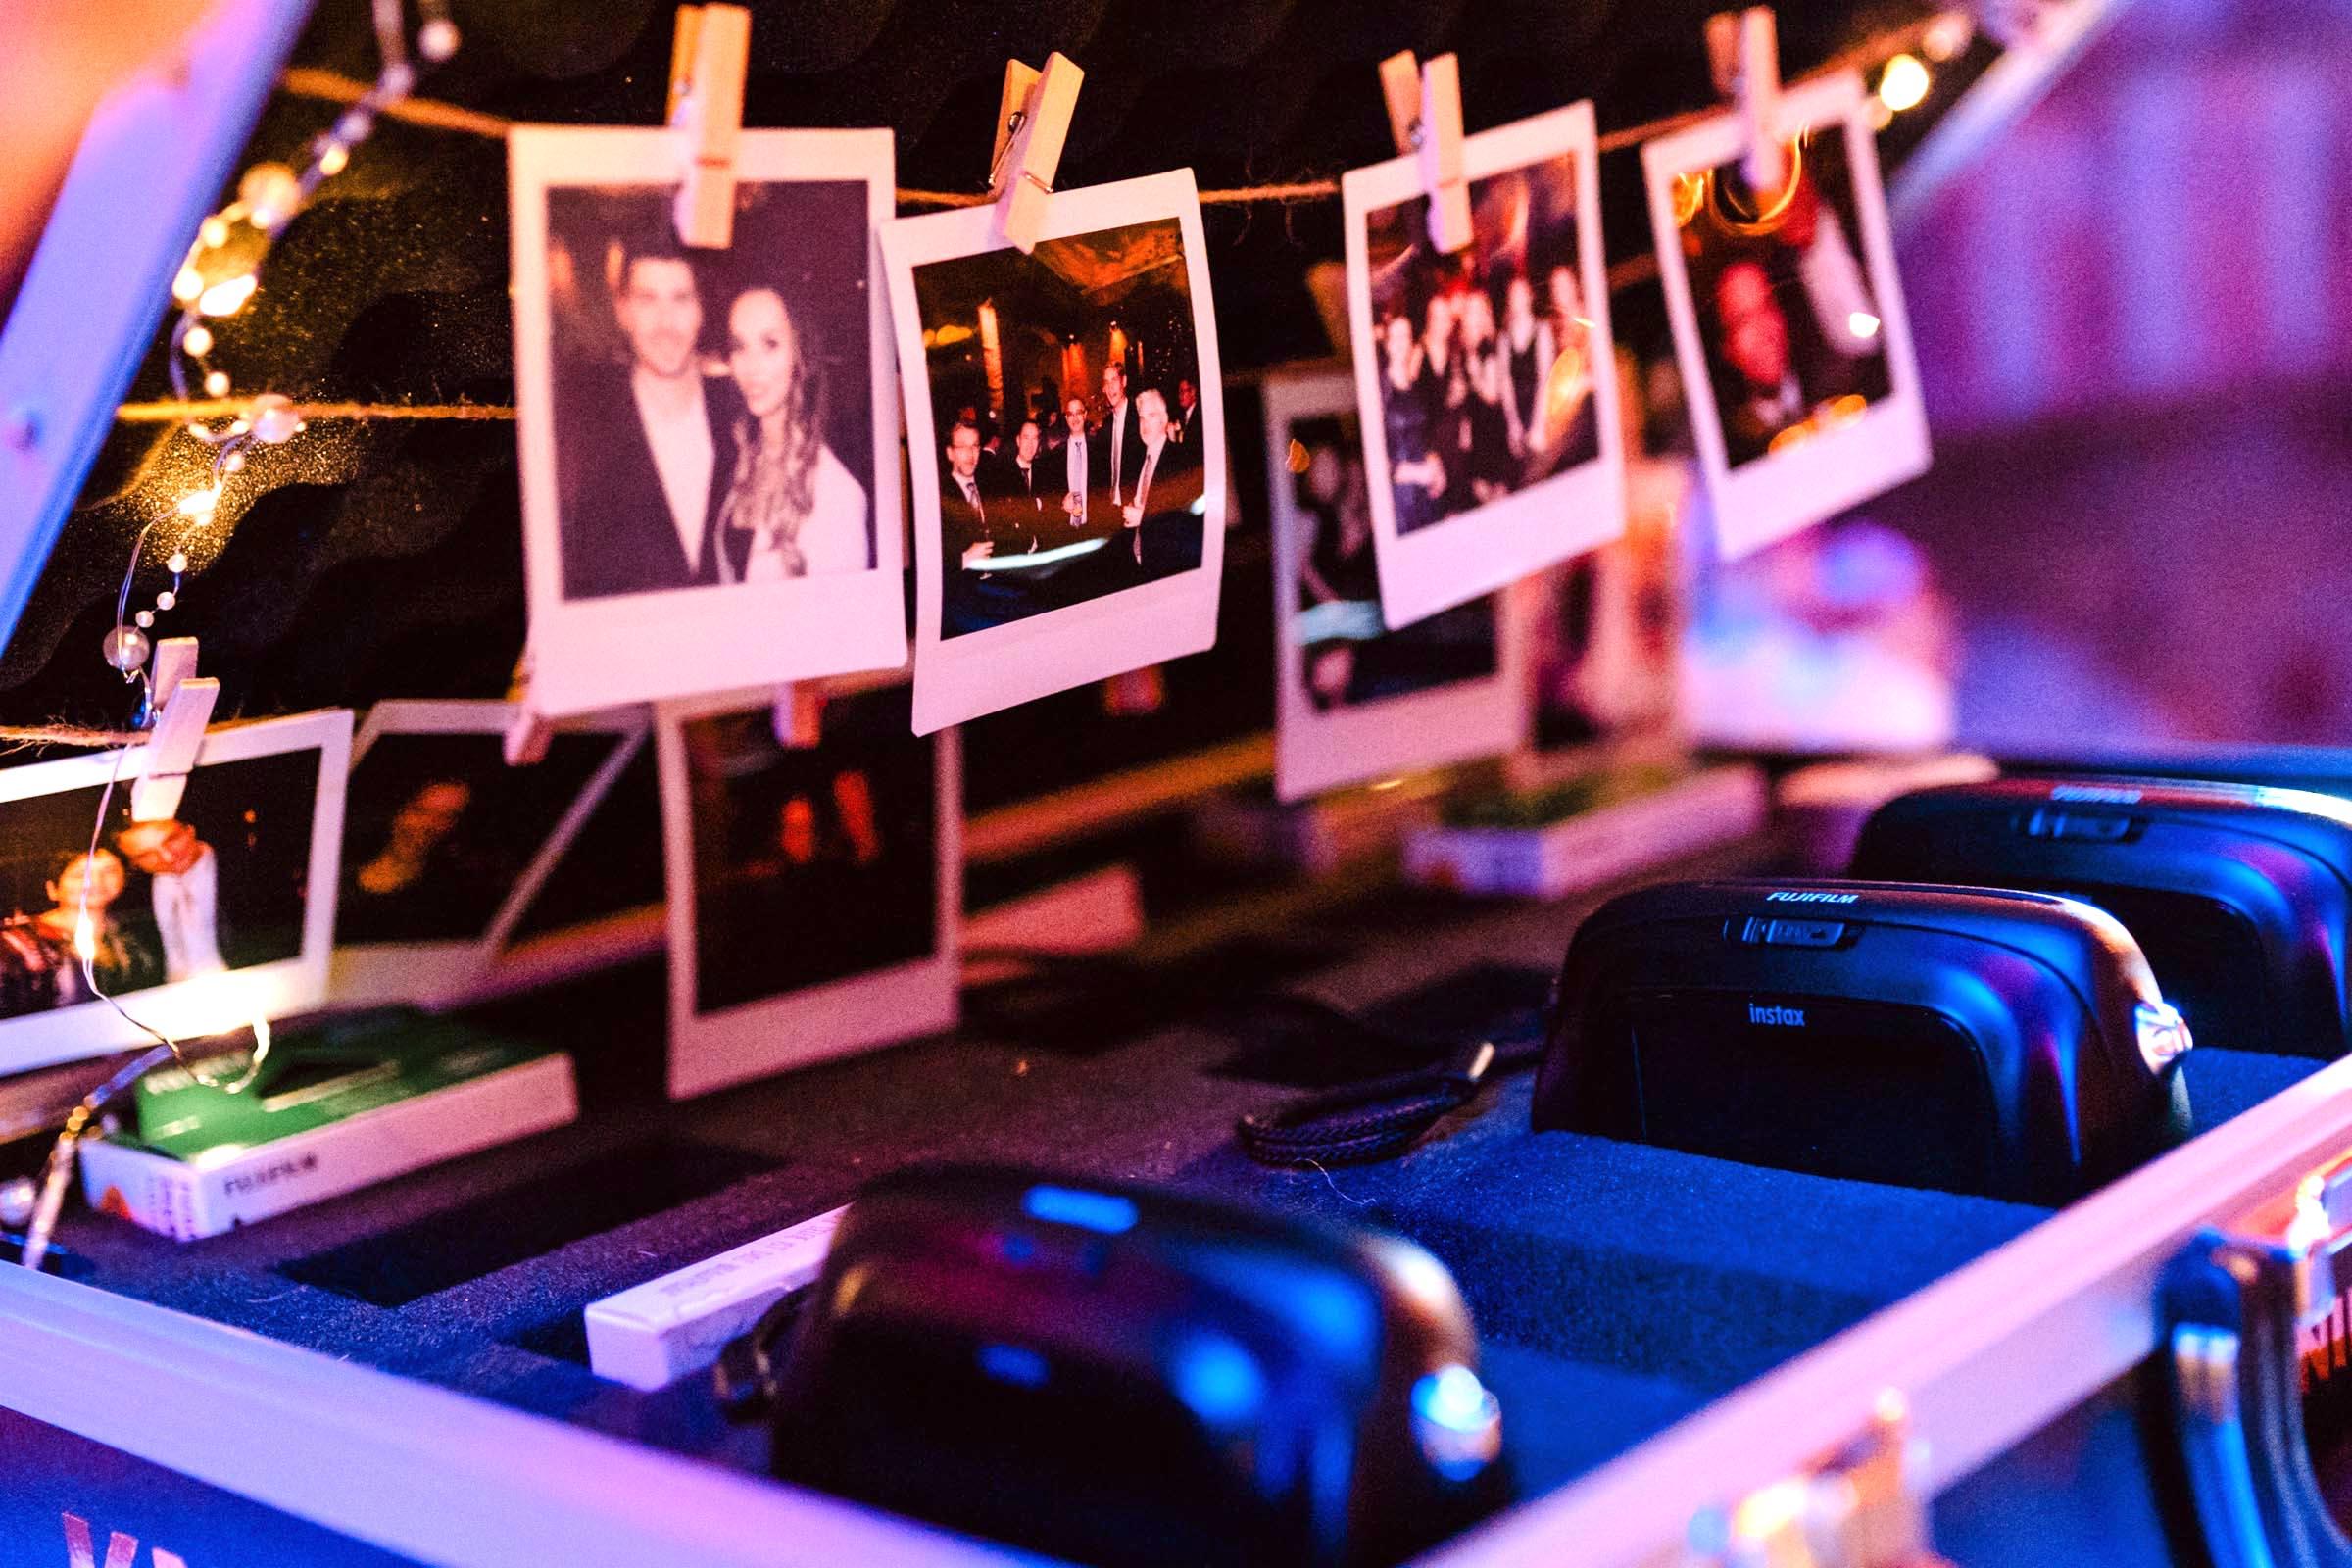 Polaroid   Sofortbildkamera   Koffer   Bilder   Instax   Mieten   Leihen   Hannover   Hochzeit   Event   Wedding   Sofortbild   Mieten